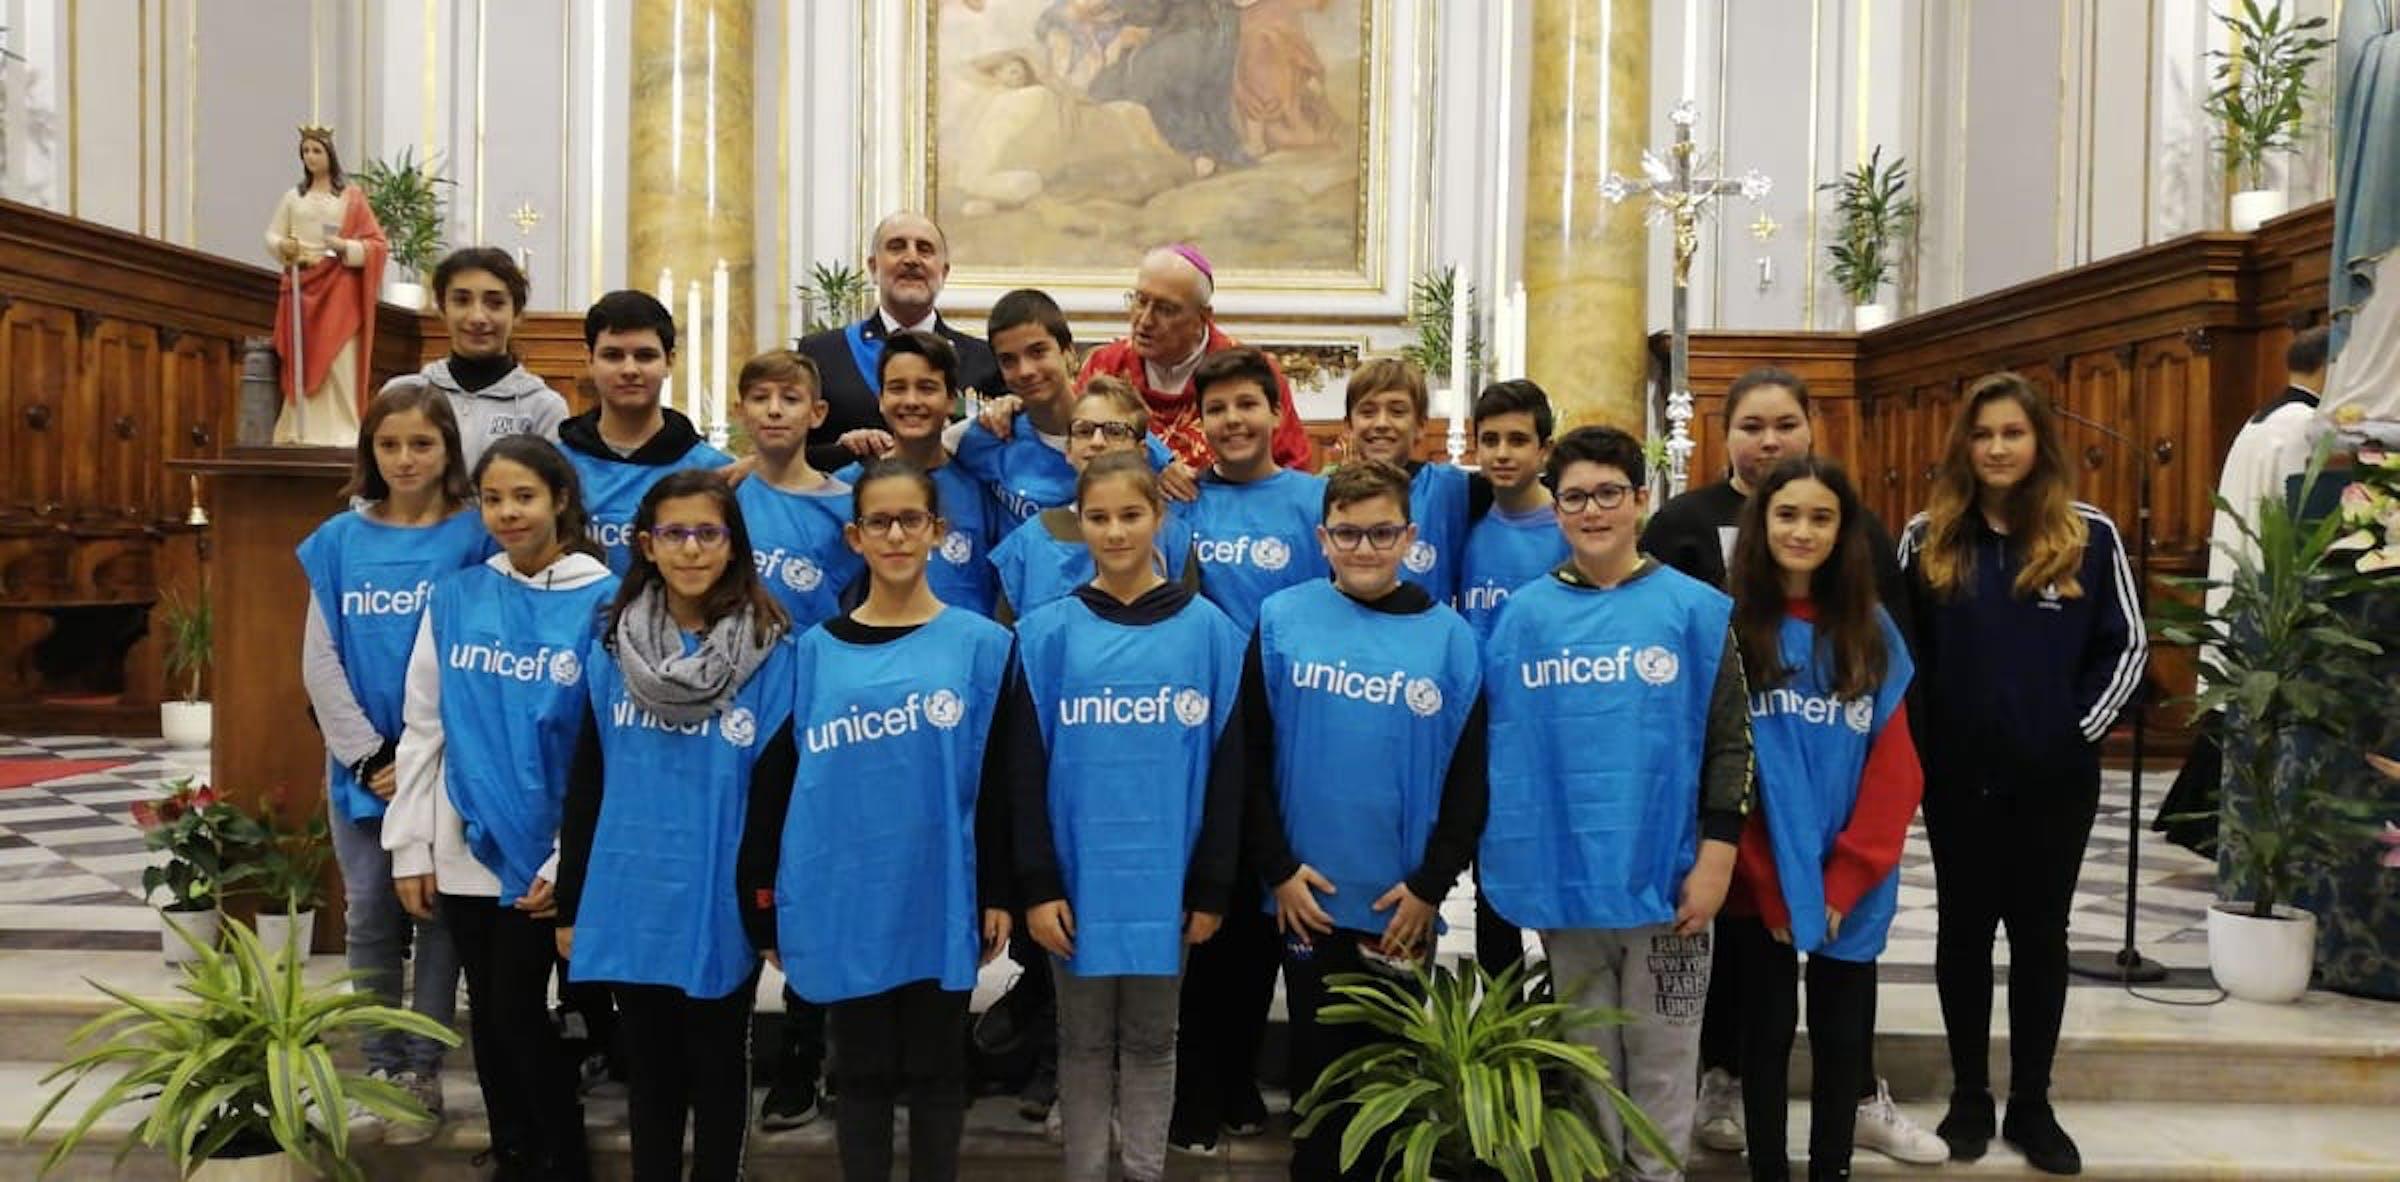 Gli alunni scuola Media Manzi con il Vescovo Luigi Marrucci  e con il Cap. di Vascello  Vincenzo LEONE Guardia Costiera Cap. di Porto di Civitavecchia